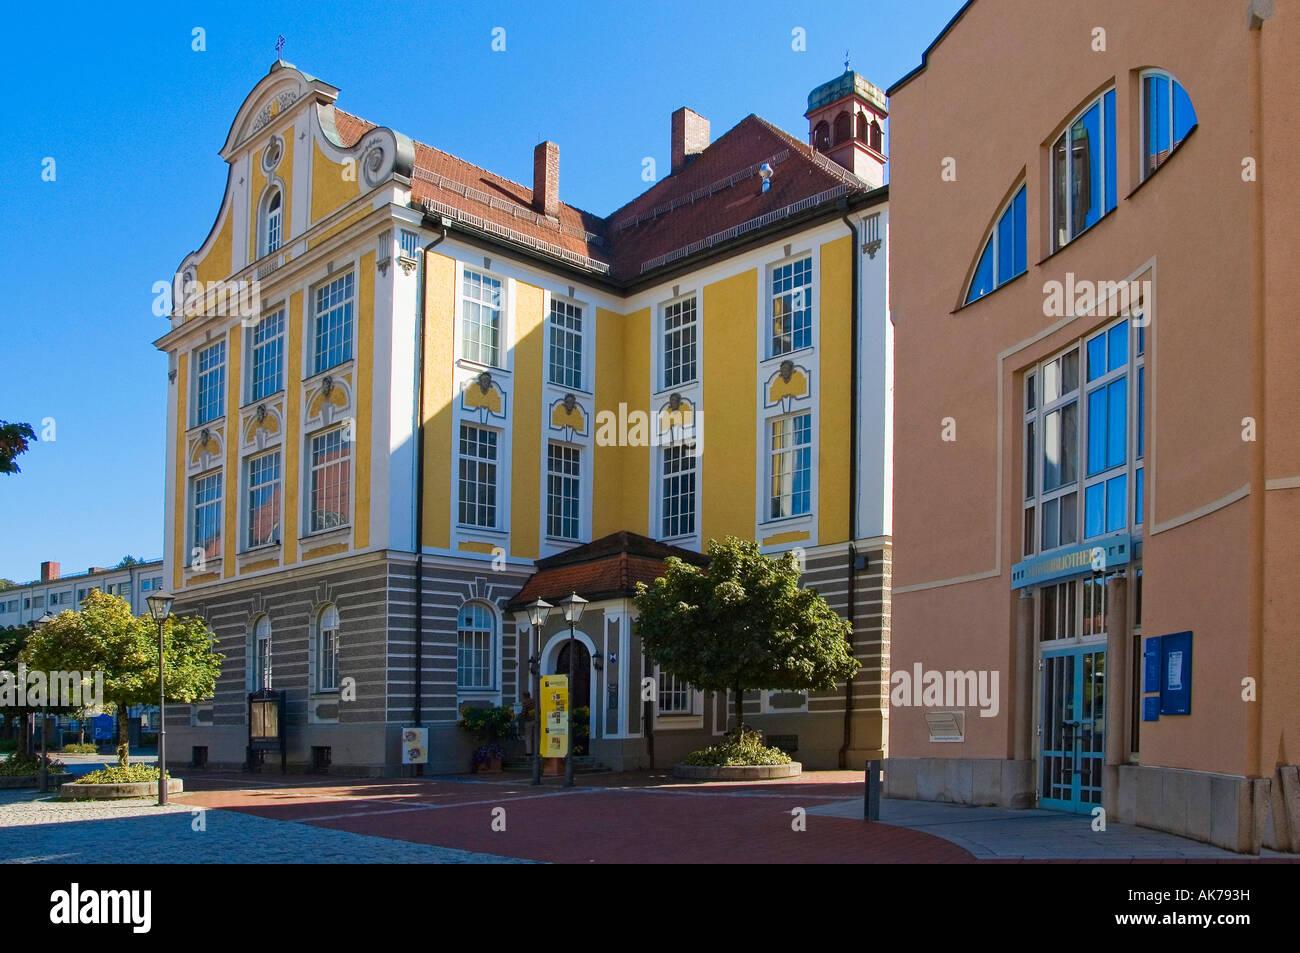 City museum deggendorf stock photo 14908468 alamy - Mobel in deggendorf ...